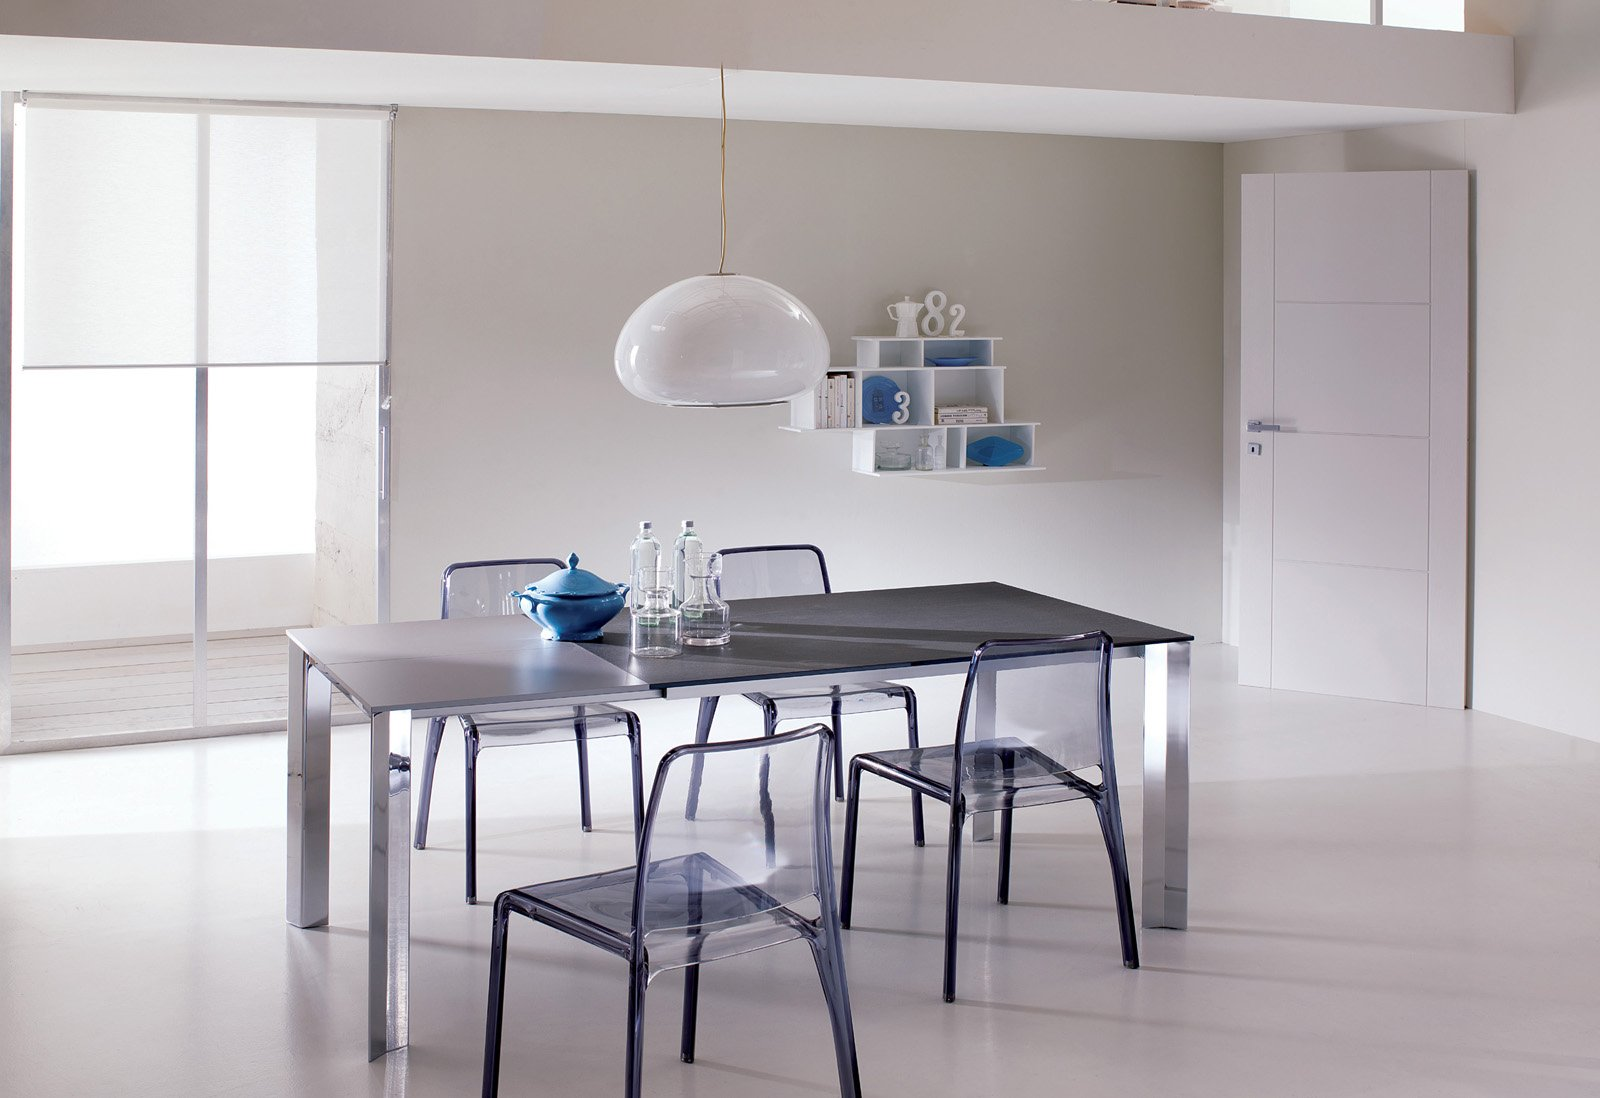 Tavoli e sedie per cucina o soggiorno cose di casa - Tavoli e sedie per cucina moderna ...